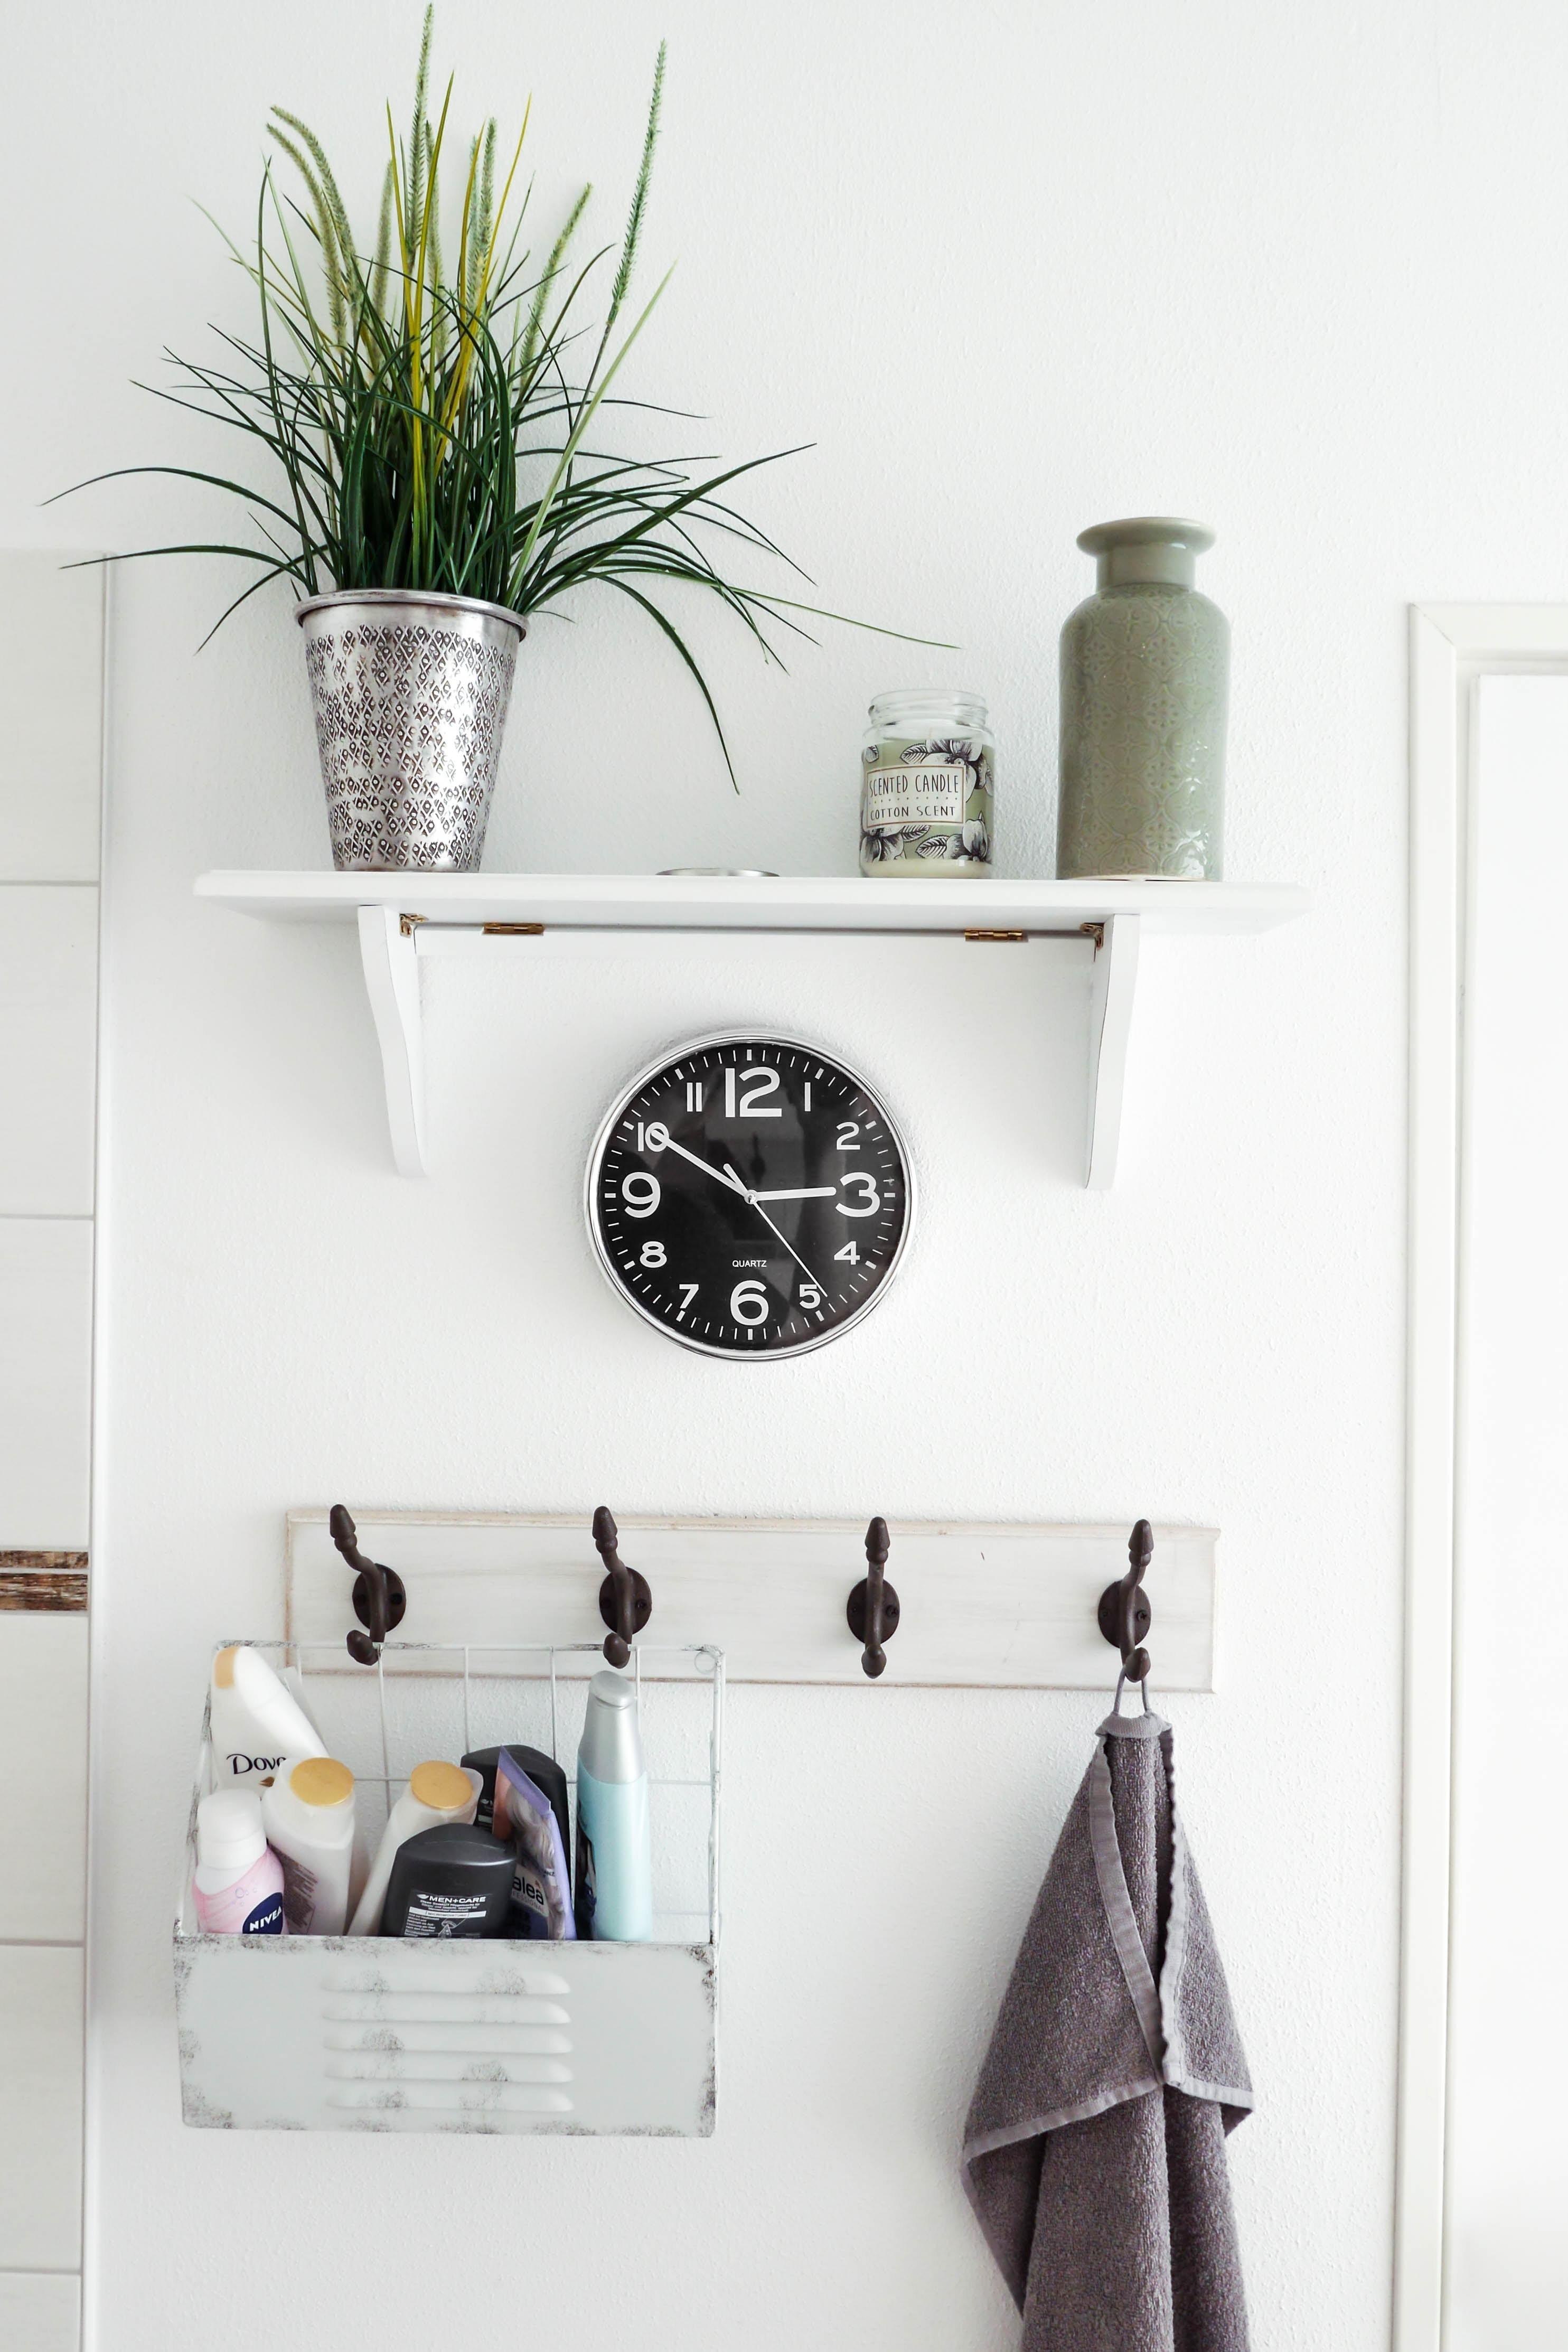 Creative Bathroom Storage Ideas - 106.3 WCTL